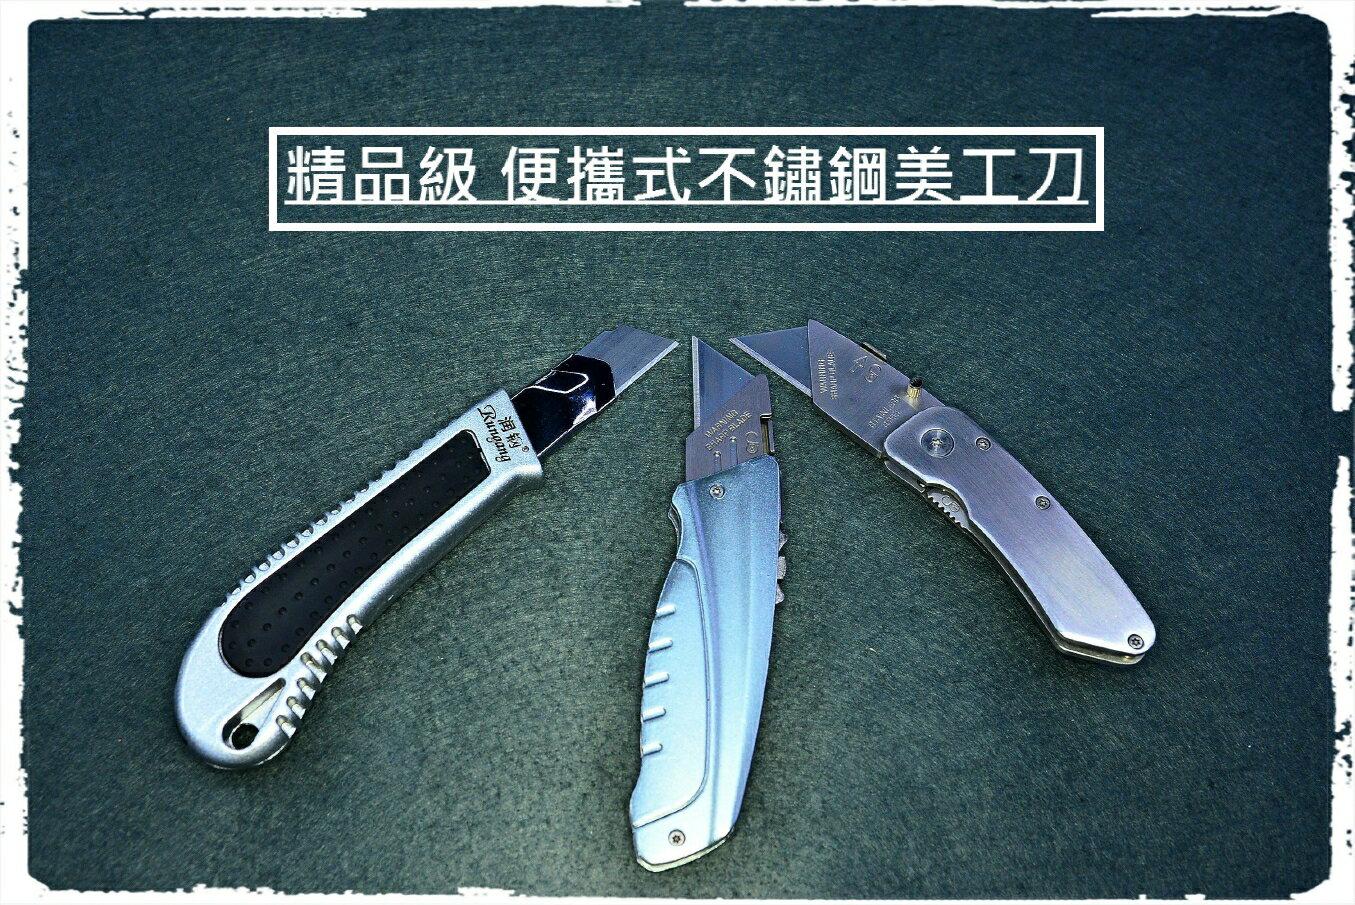 不鏽鋼美工刀具便攜式設計折疊式伸縮式牆紙刀壁紙刀工具刀卡片